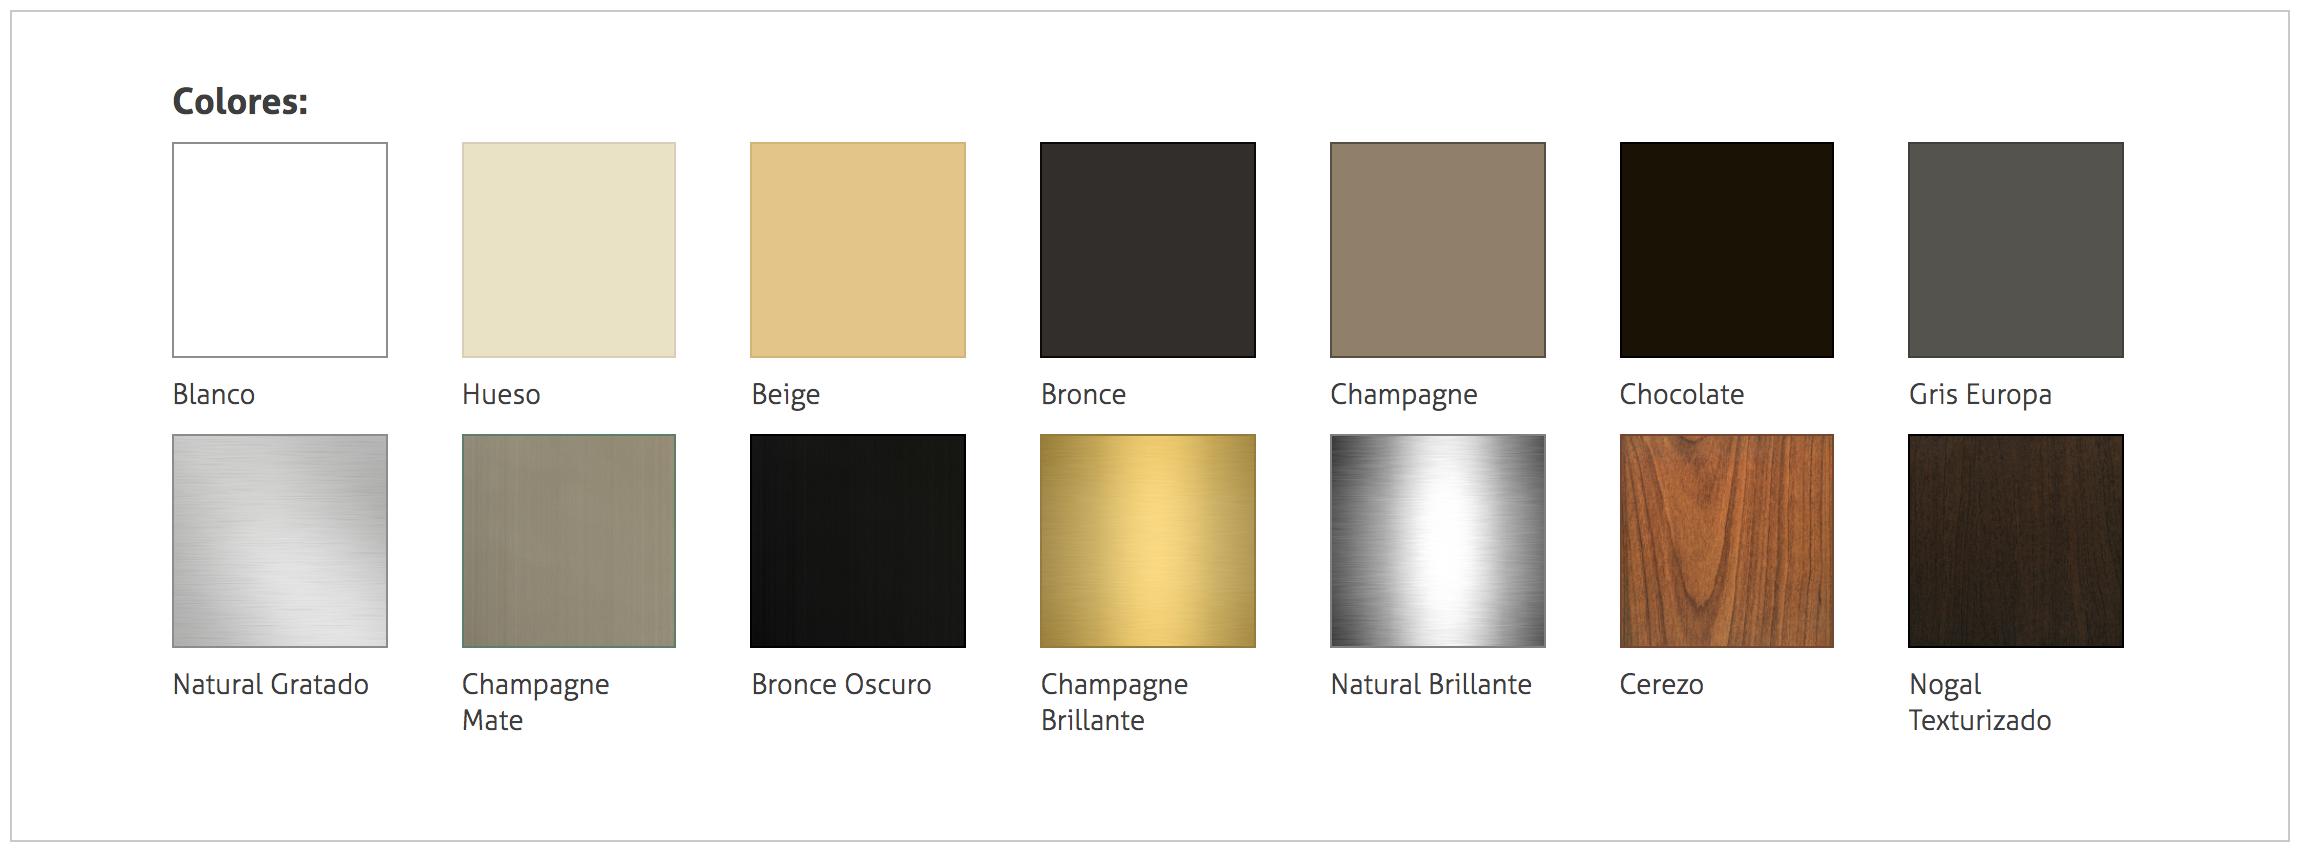 Colores y estilos en ventanas de aluminio fabricacion for Colores de aluminio para ventanas en mexico